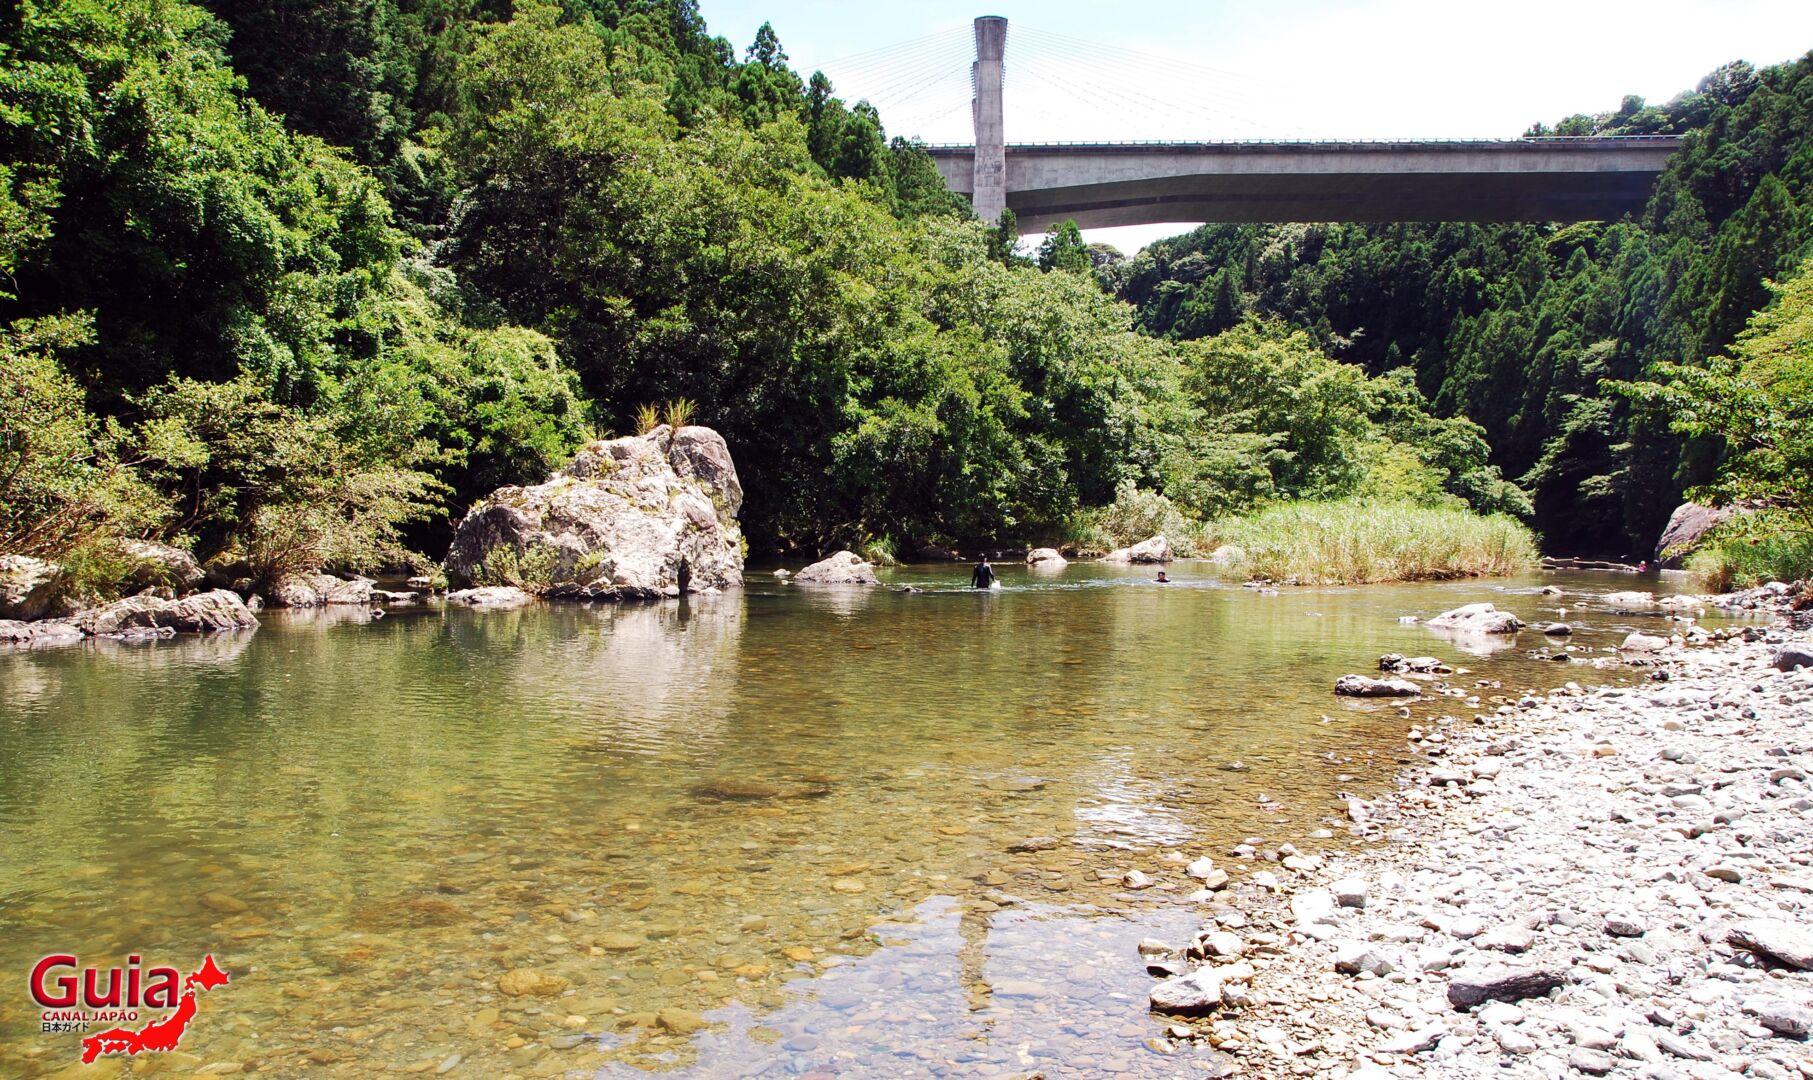 Cachoeira Sengen - 仙厳の滝 5